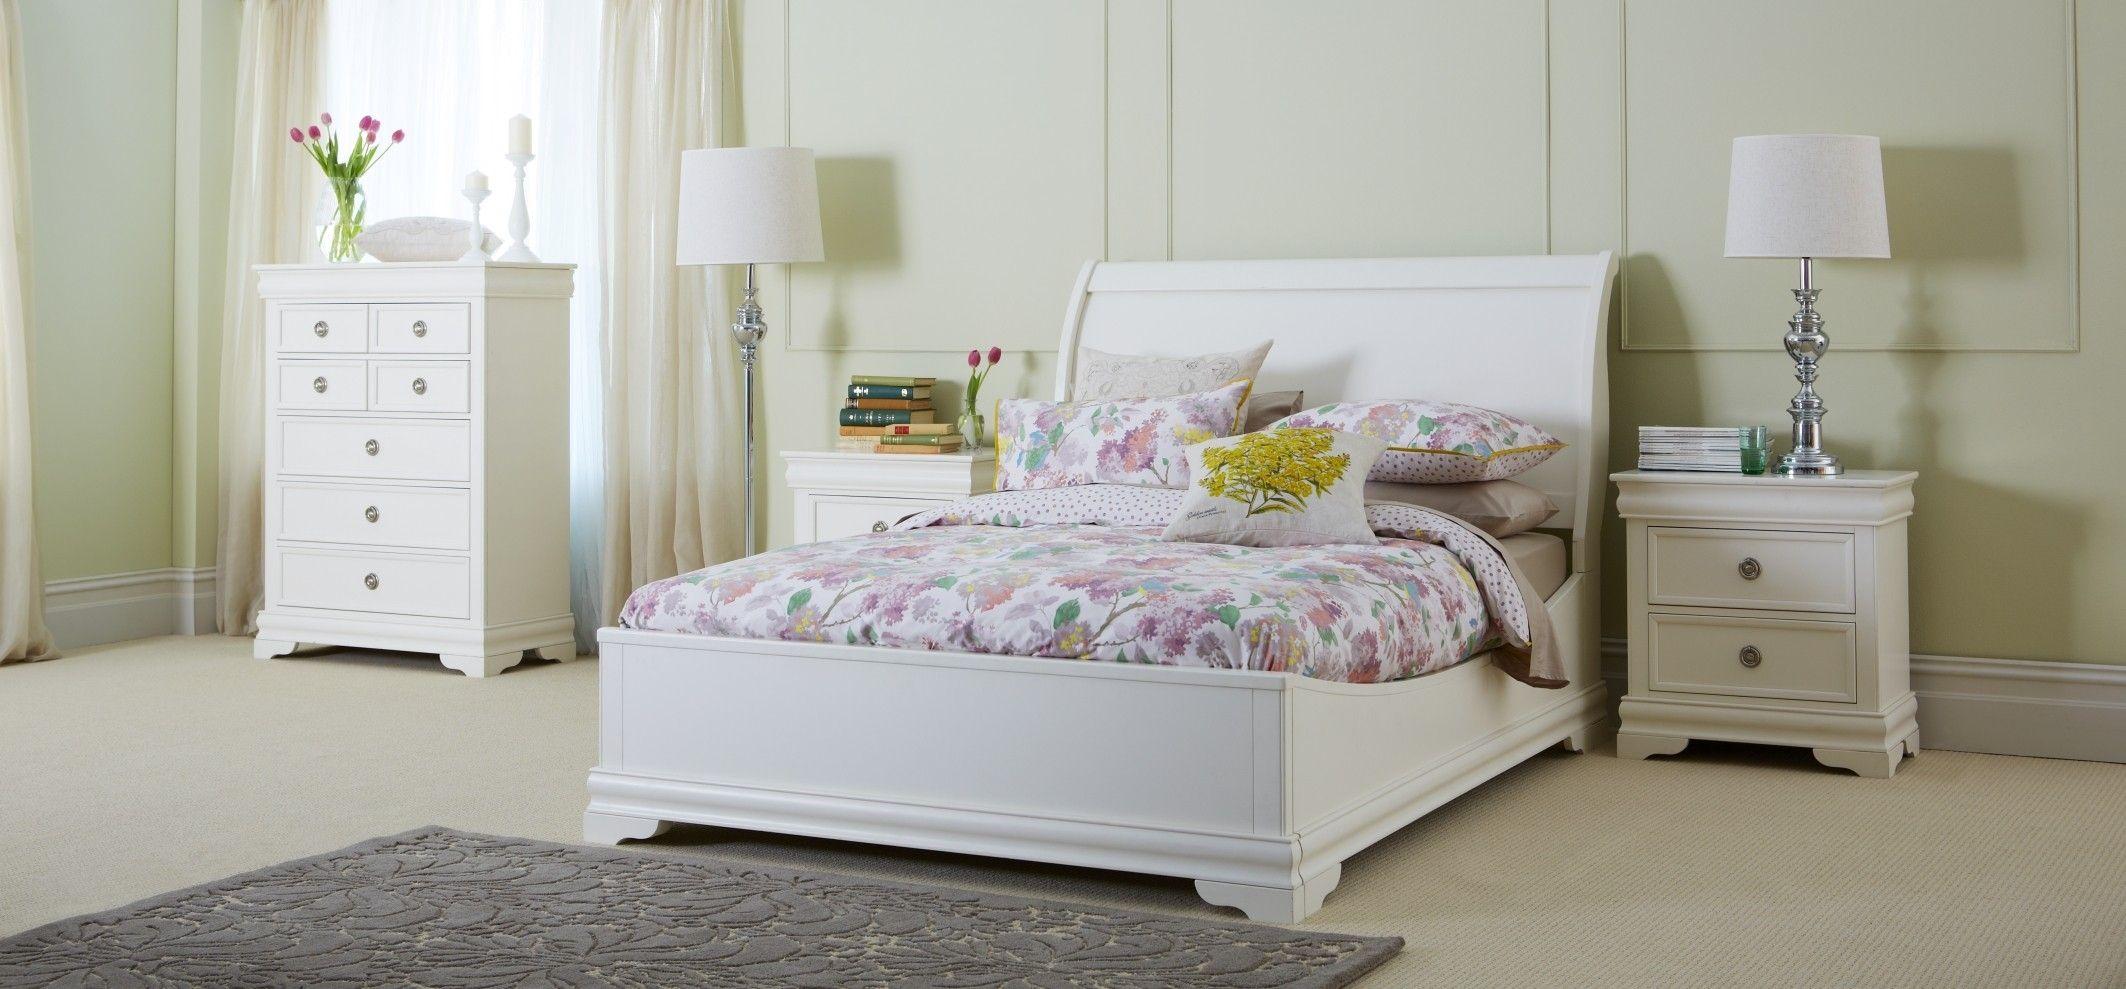 White Solid Wood Bedroom Furniture Set